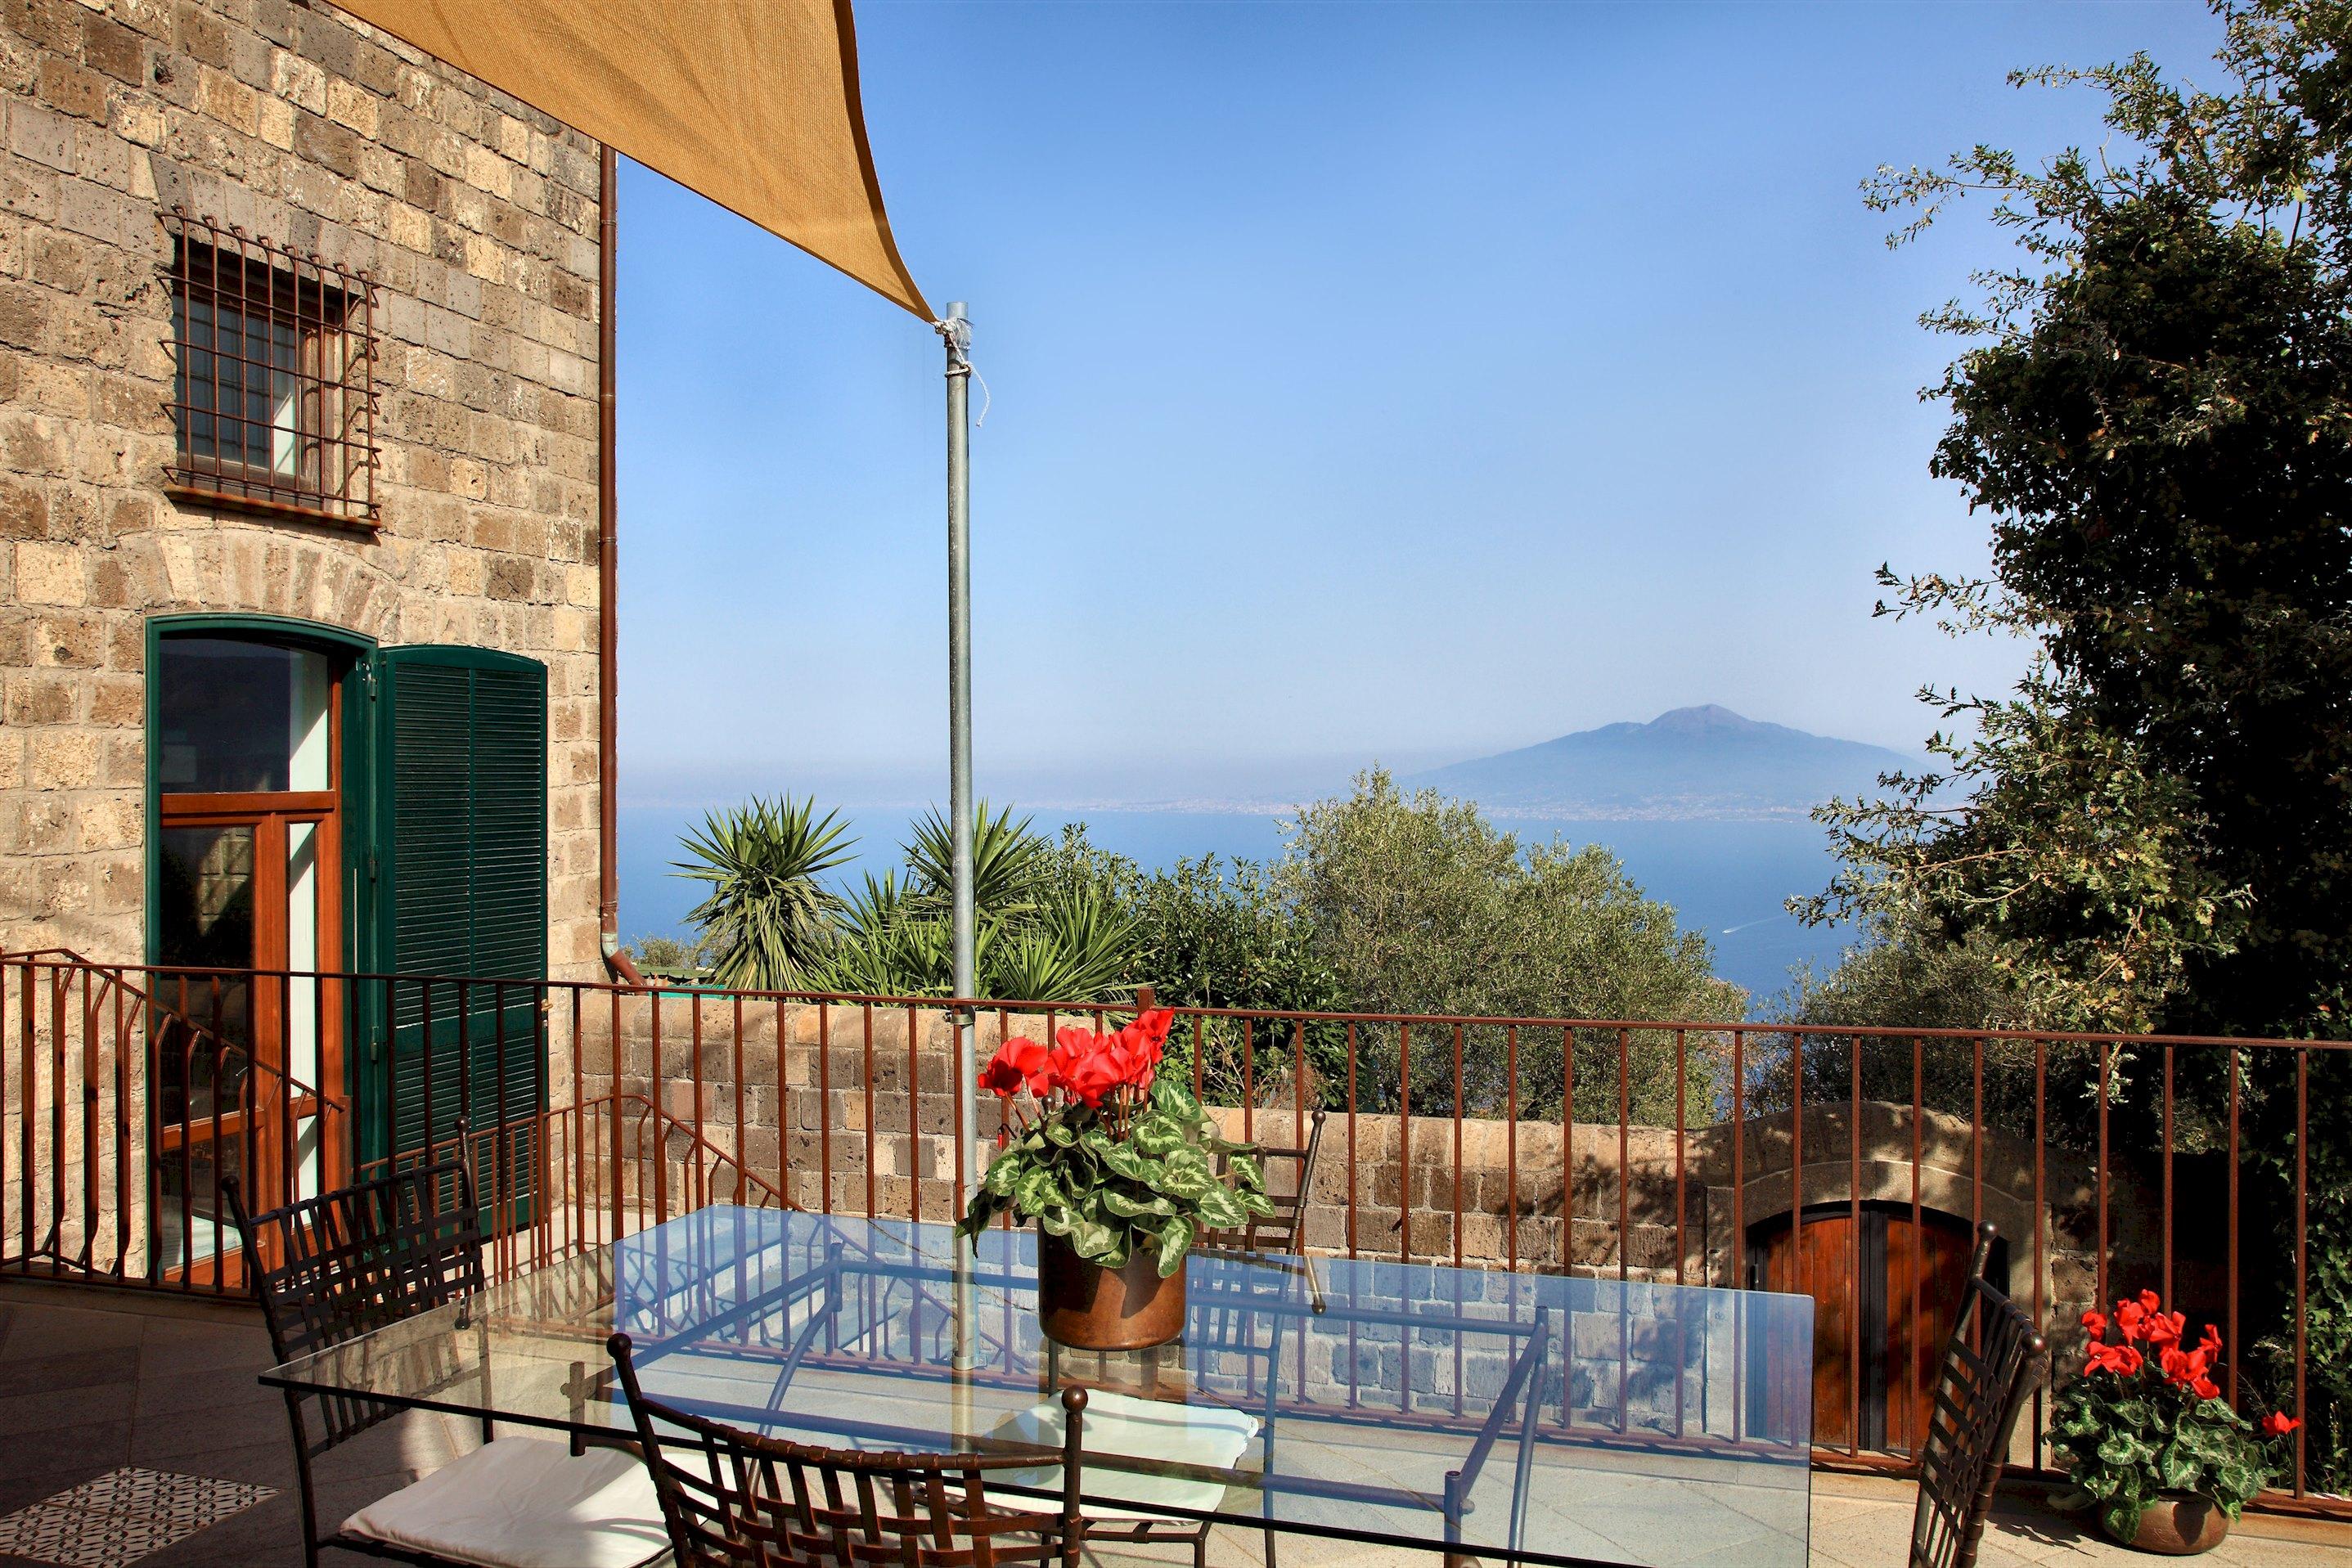 Apartment Villa Vesuvio - Luxury and Beauty photo 25033408